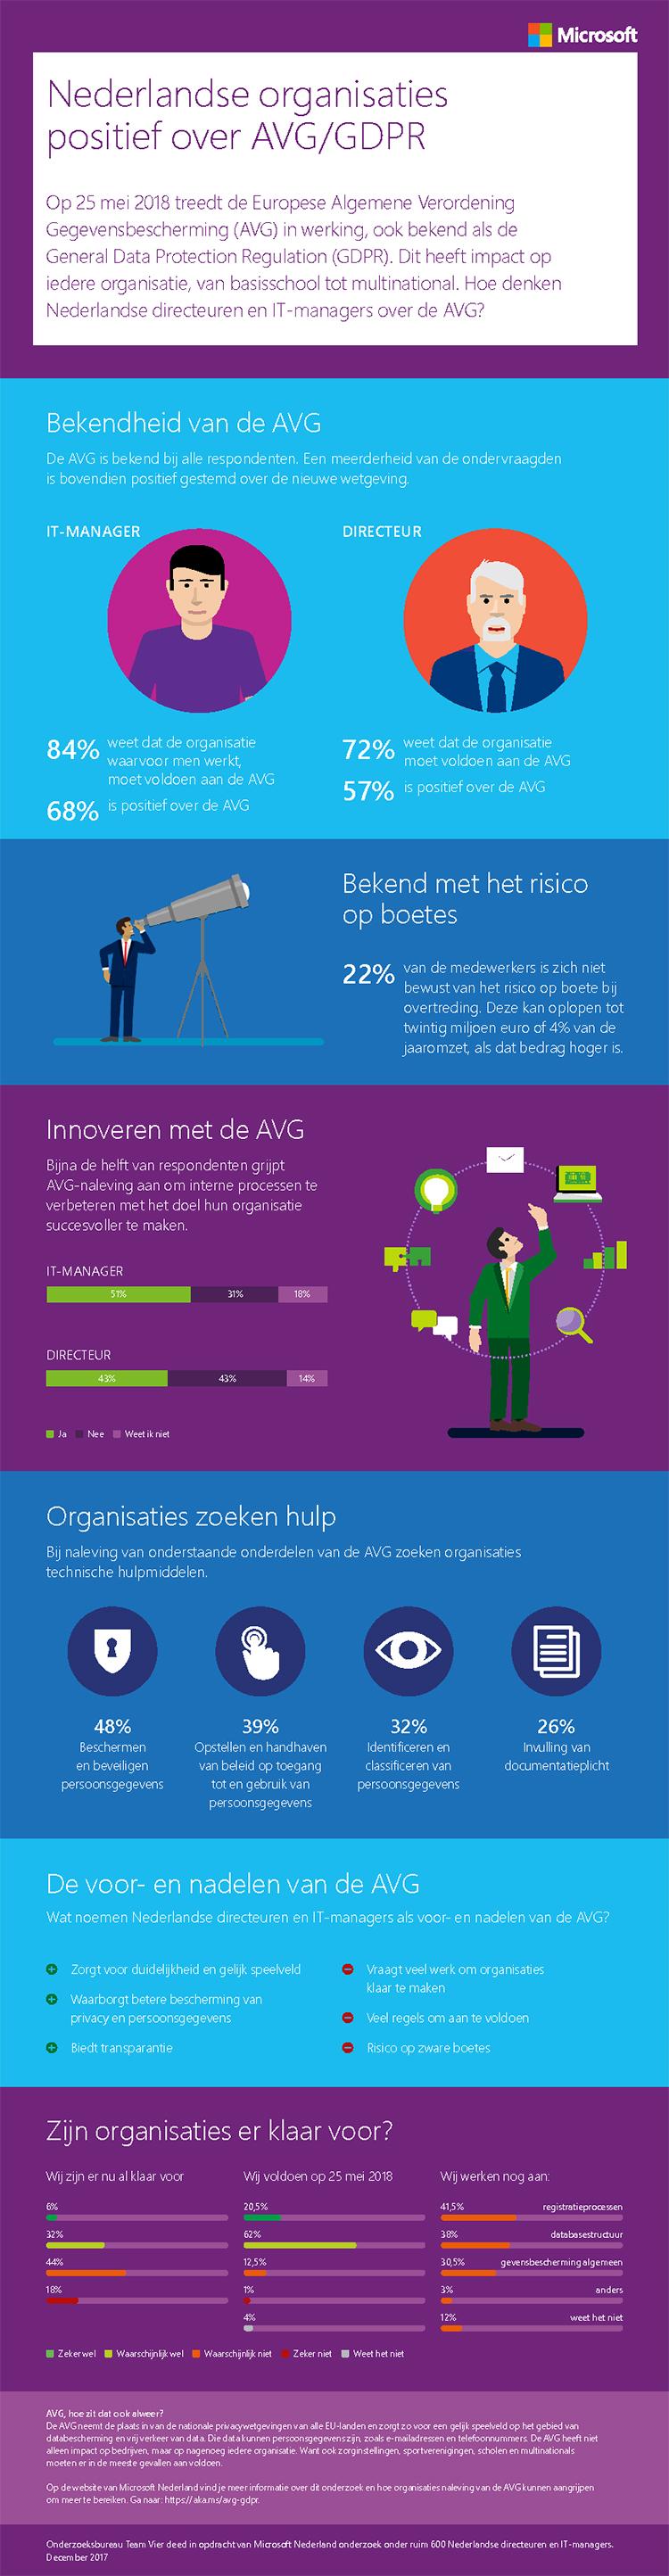 Nederlandse organisaties positief over GDPR AVG - Infographic Microsoft